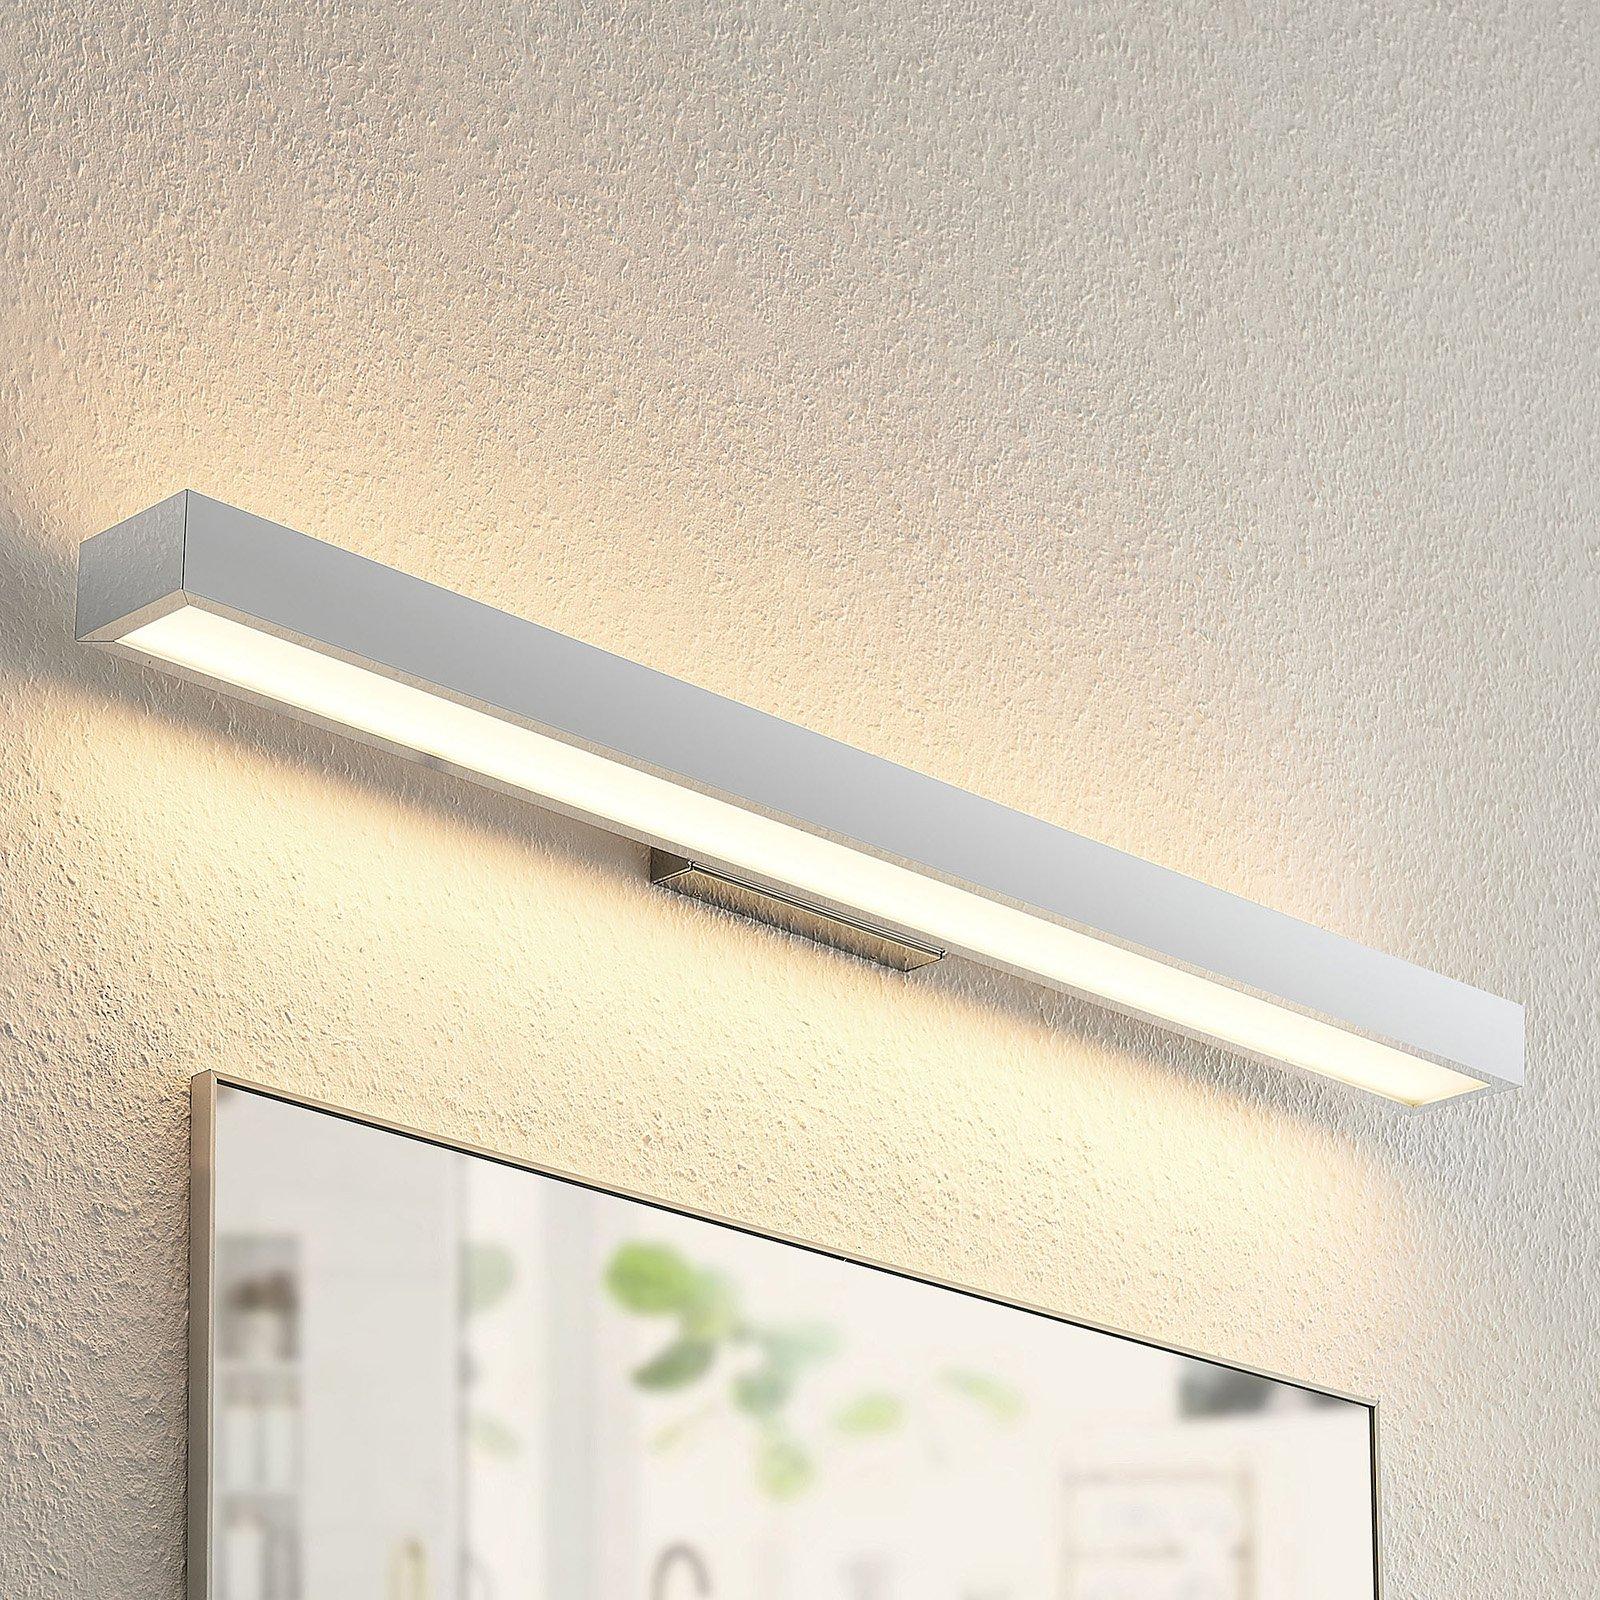 Lindby Janus LED-speillampe til bad 90 cm